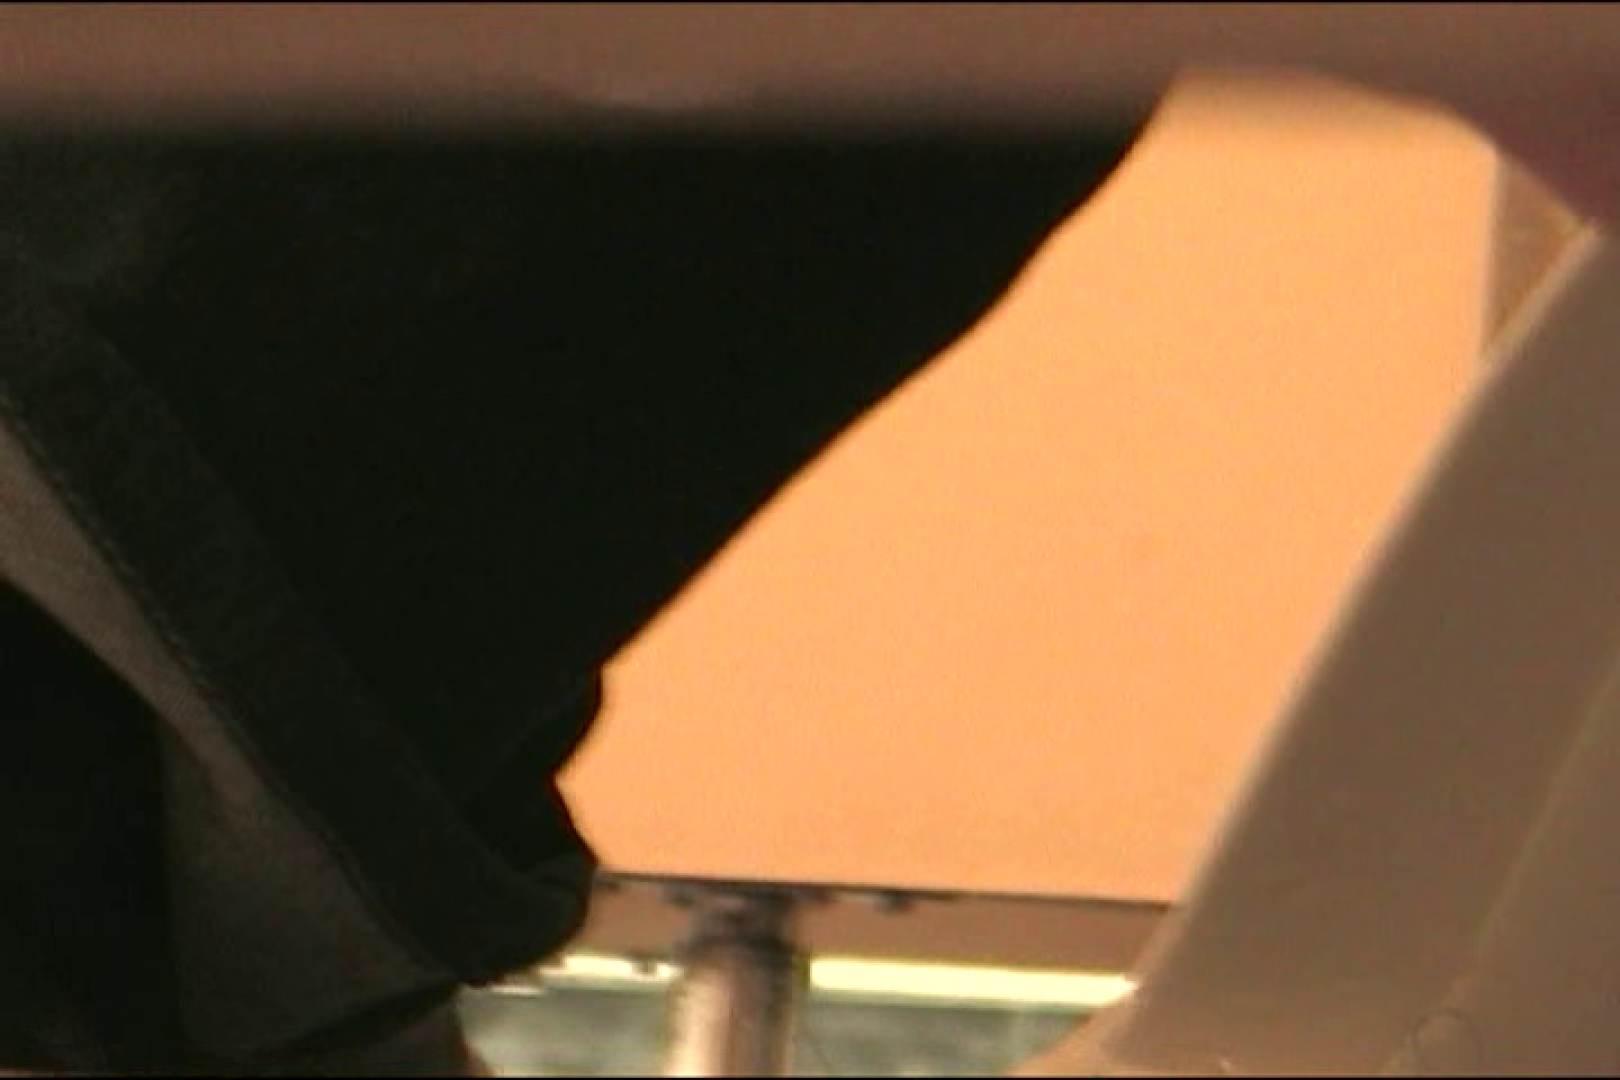 マンコ丸見え女子洗面所Vol.44 丸見え 盗撮AV動画キャプチャ 52画像 11